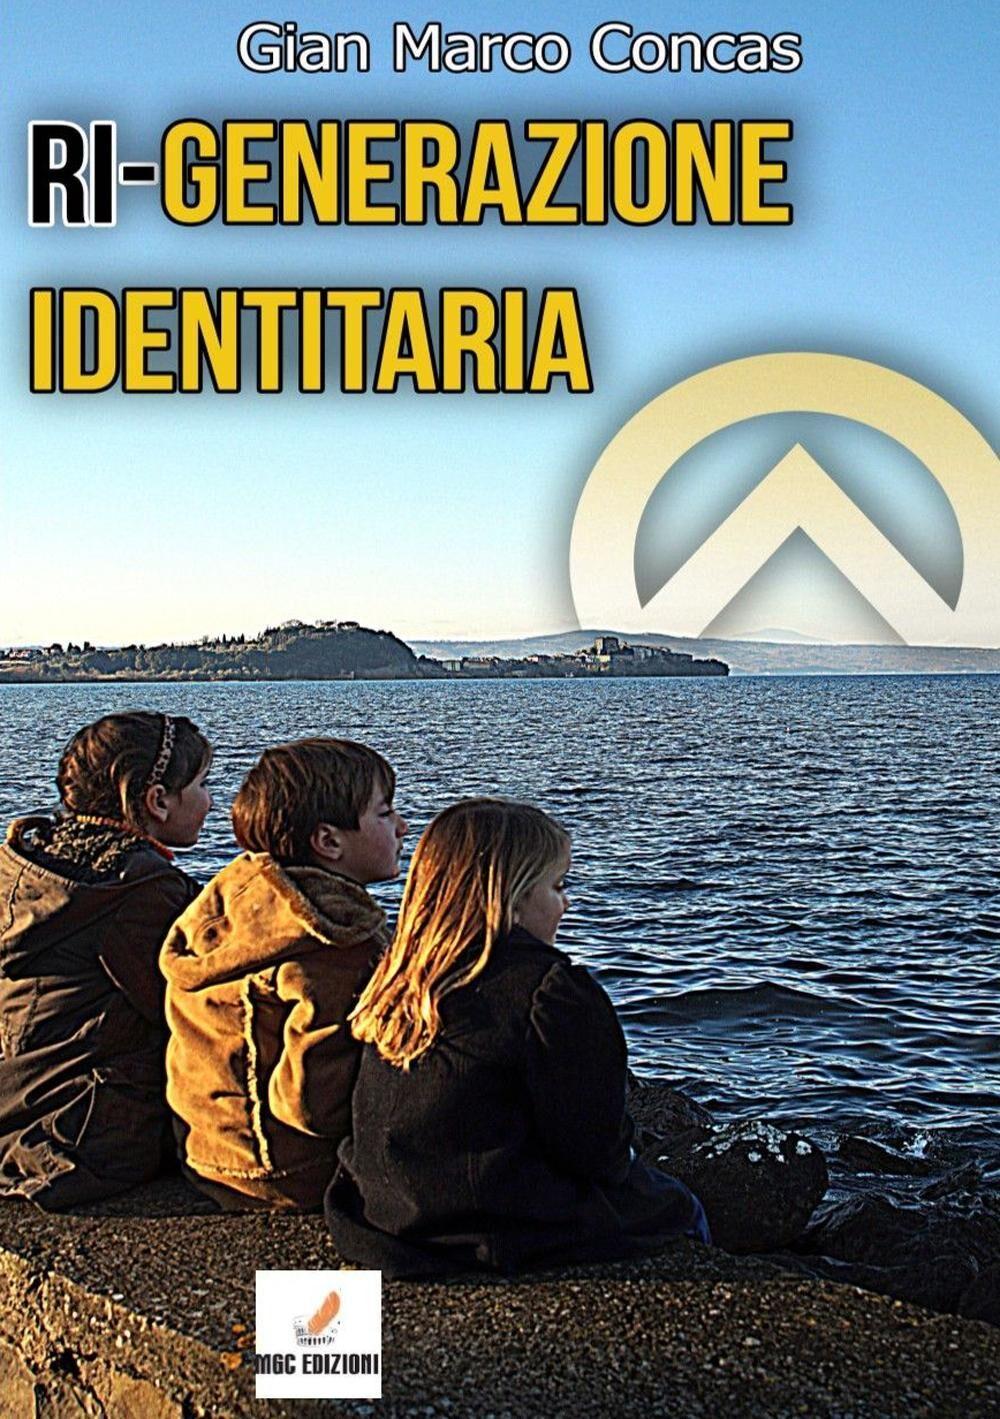 Ri-generazione identitaria